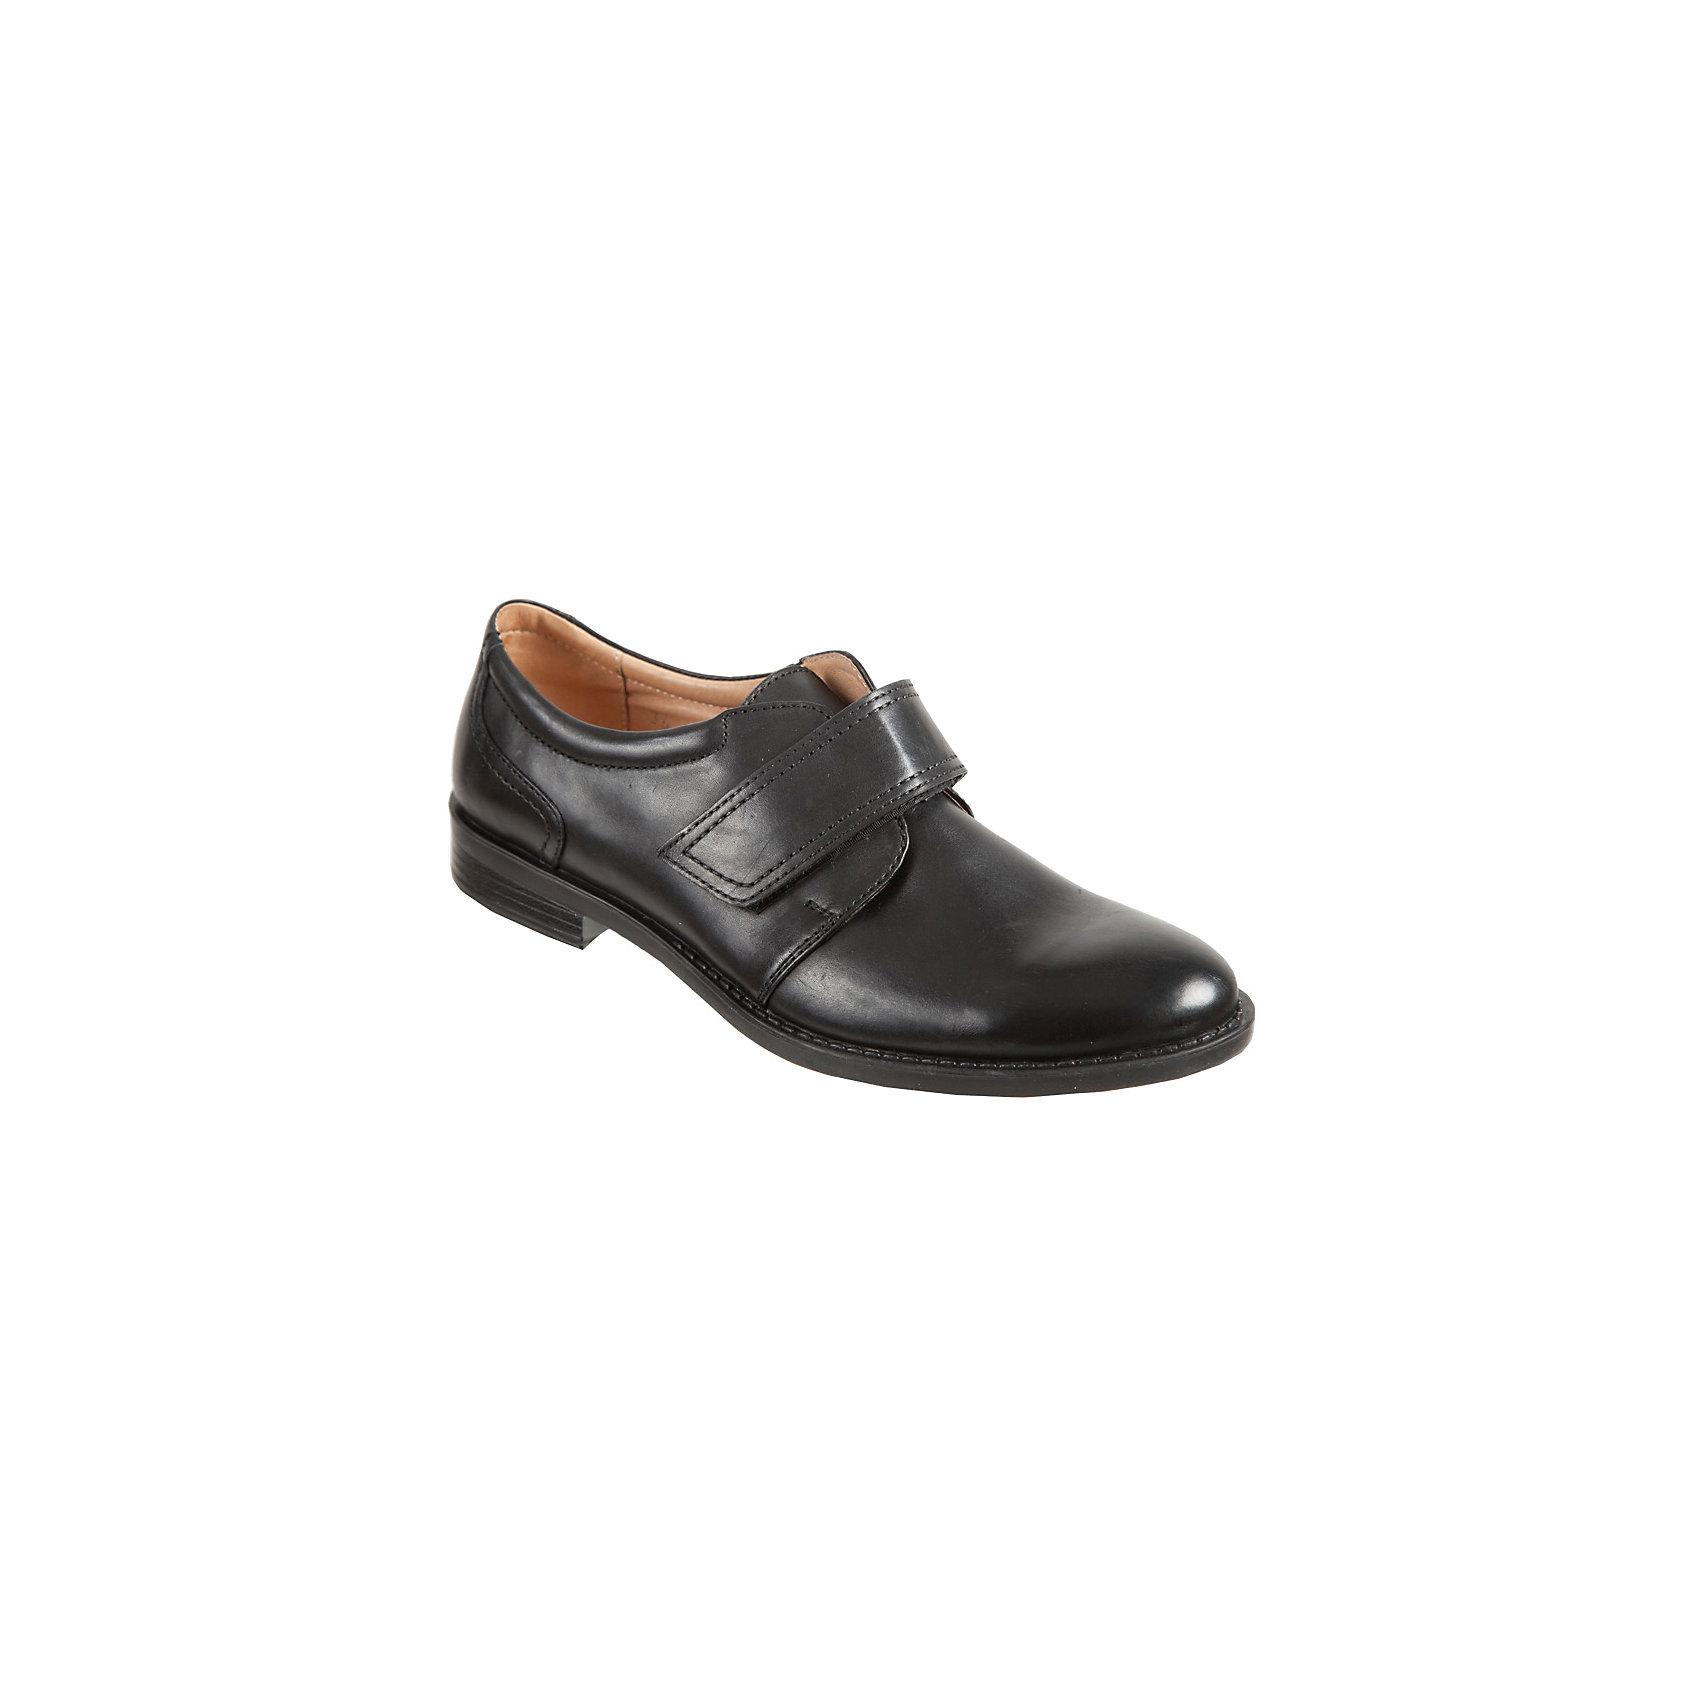 Полуботинки для мальчика GulliverПолуботинки для мальчика от известного бренда Gulliver<br>Выбрать ботинки в школу - задача не из простых! Они должны выглядеть стильно и соответствовать необходимым стандартам качества. Черные школьные ботинки из натуральной кожи - то, что нужно! Удобные, красивые, практичные, они придутся ученику по вкусу. Застежка на липучке сэкономит время ученика при сборах в школу.<br>Состав: верх: кожа; подкладка: кожа/ текстиль; подошва: ТЭП<br><br>Ширина мм: 262<br>Глубина мм: 176<br>Высота мм: 97<br>Вес г: 427<br>Цвет: черный<br>Возраст от месяцев: 144<br>Возраст до месяцев: 156<br>Пол: Мужской<br>Возраст: Детский<br>Размер: 36,35,34,33,37,32<br>SKU: 4767302